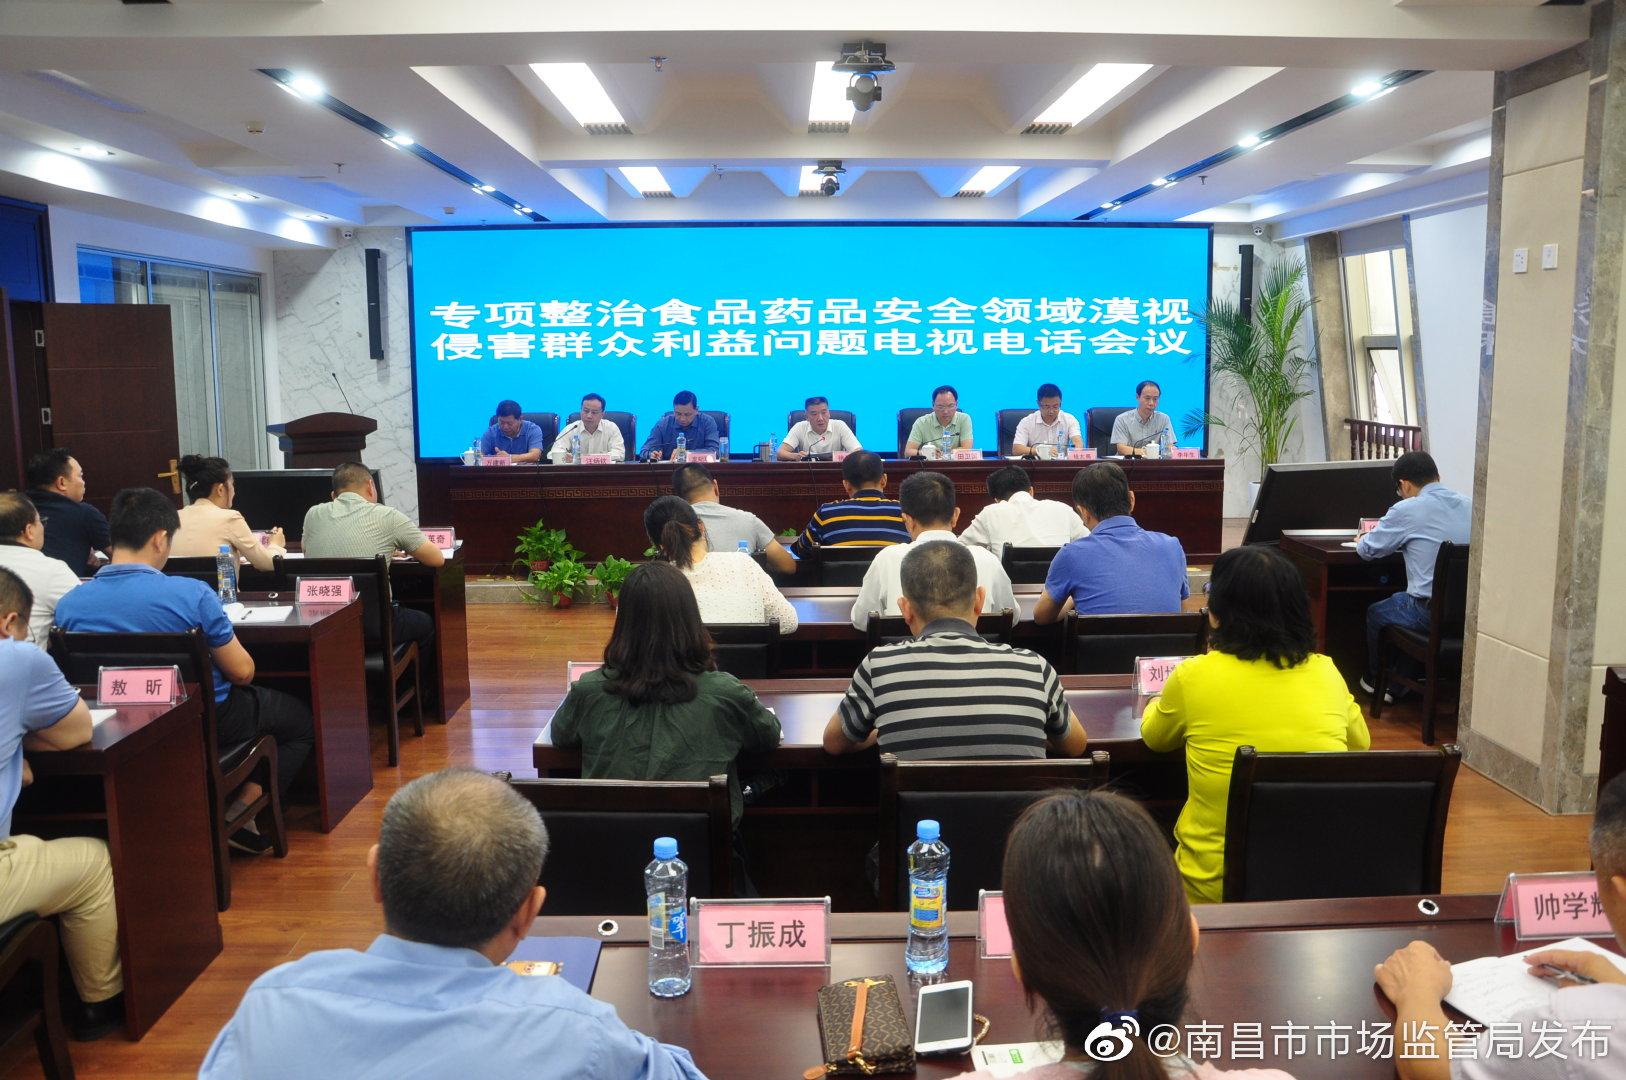 南昌市市场监督管理局召开食品药品领域漠视侵害群众利益问题专项整治